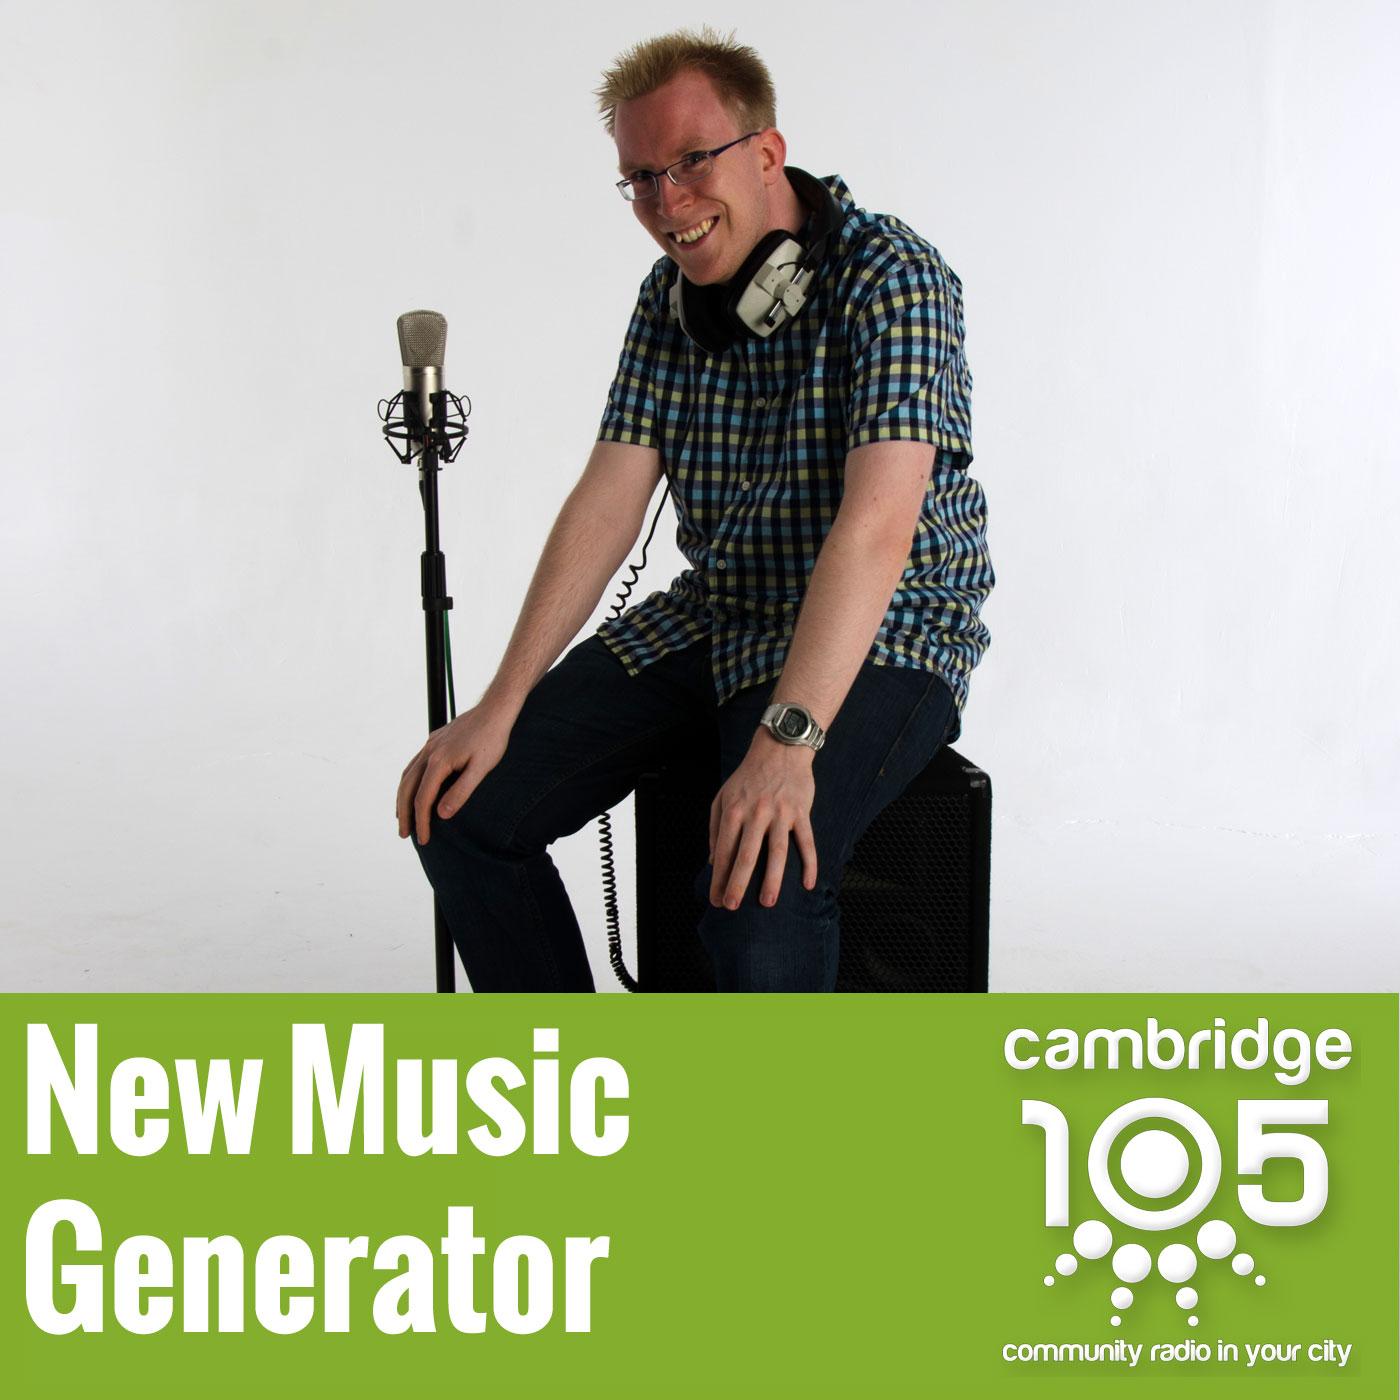 New Music Generator